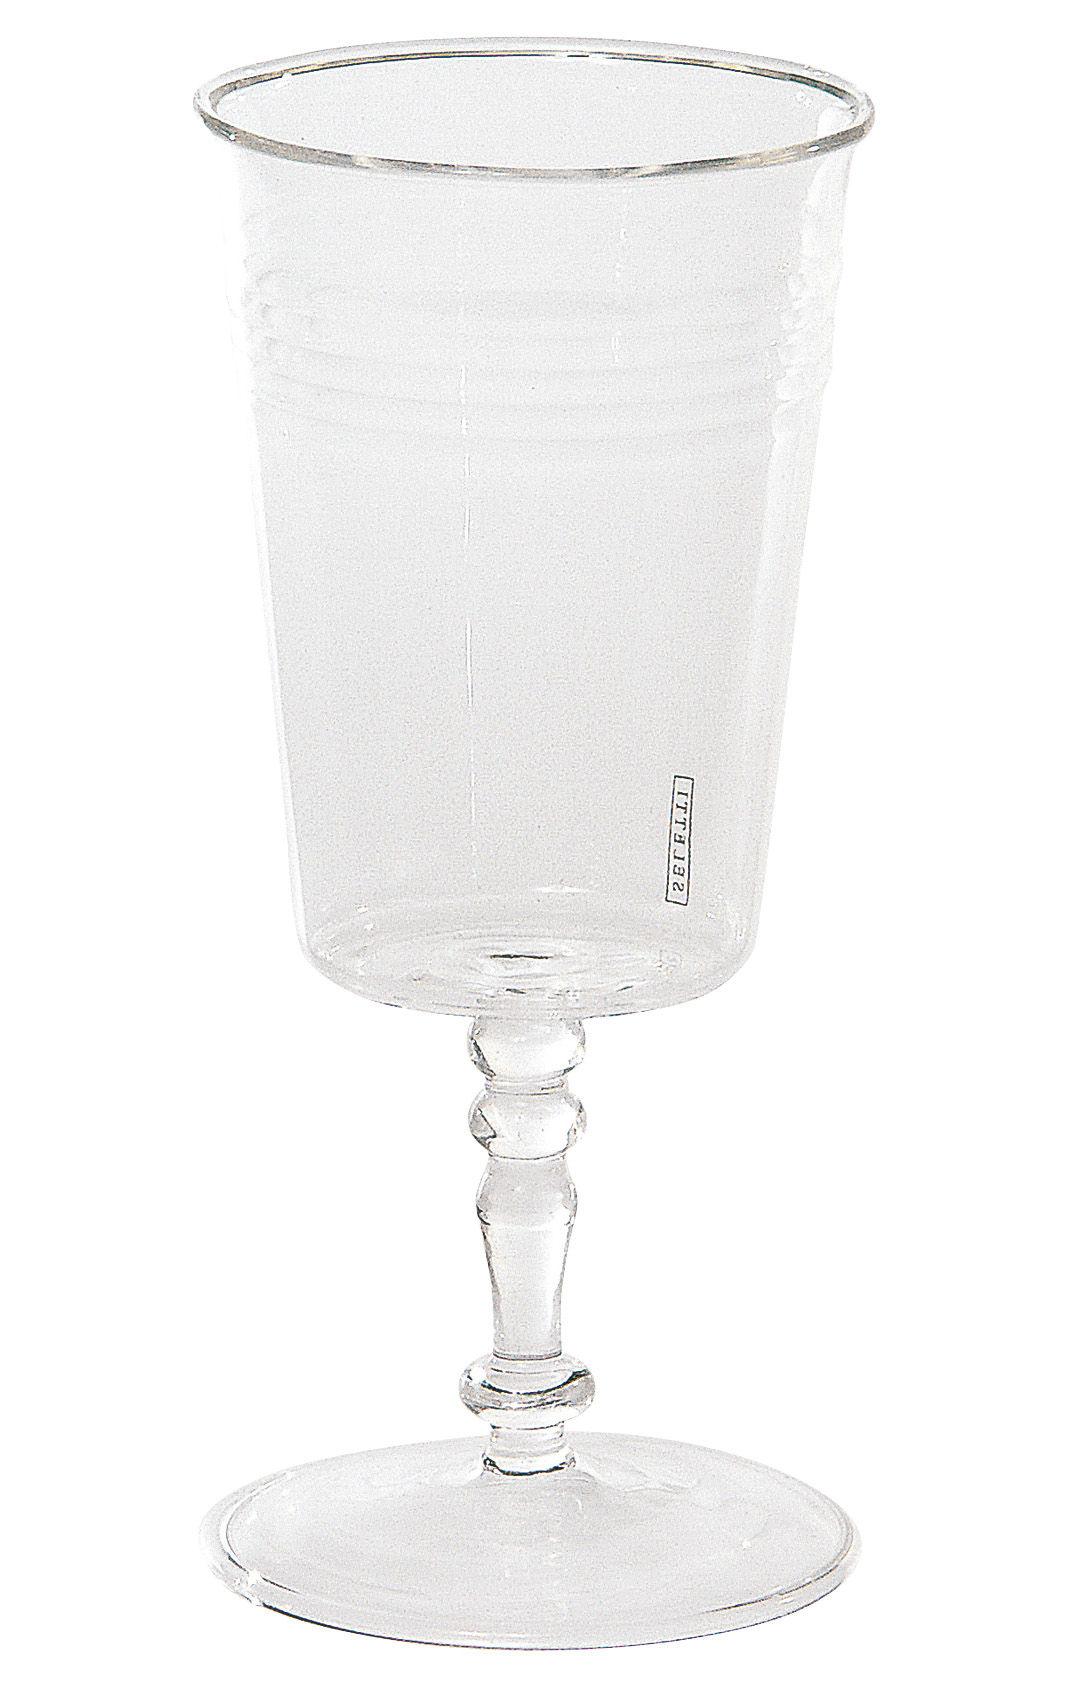 Tavola - Bicchieri  - Bicchiere da vino Estetico quotidiano di Seletti - Trasparente - Bicchiere da vino - Vetro